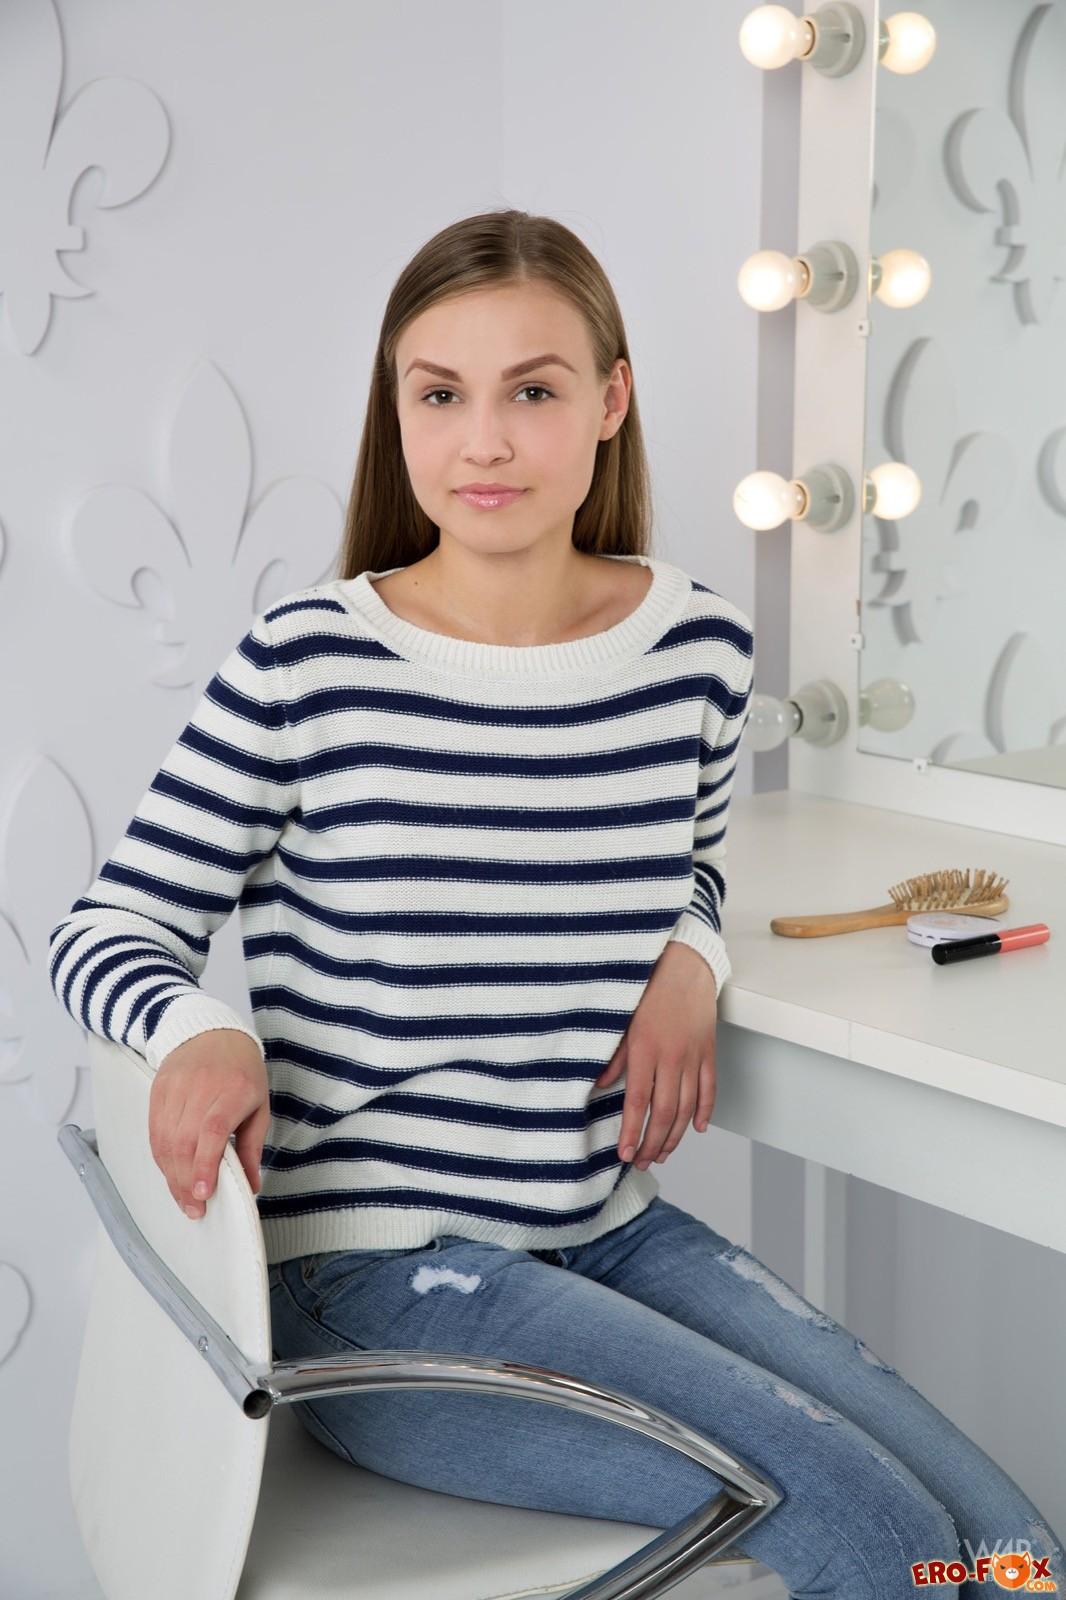 Девушка сняла джинсы и позирует голенькой у зеркала